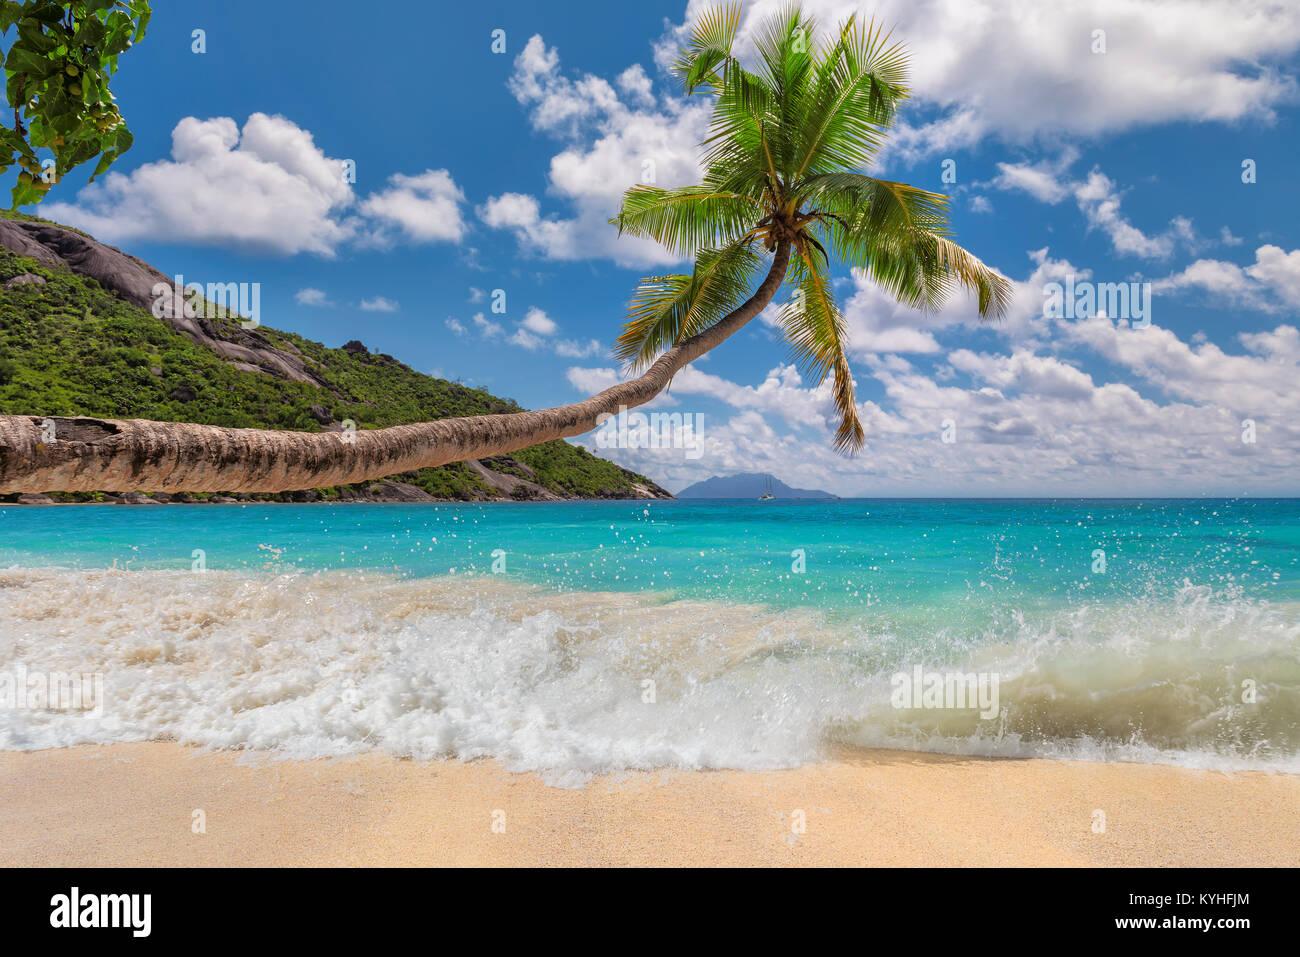 La plage de sable tropicale avec palmiers. Banque D'Images